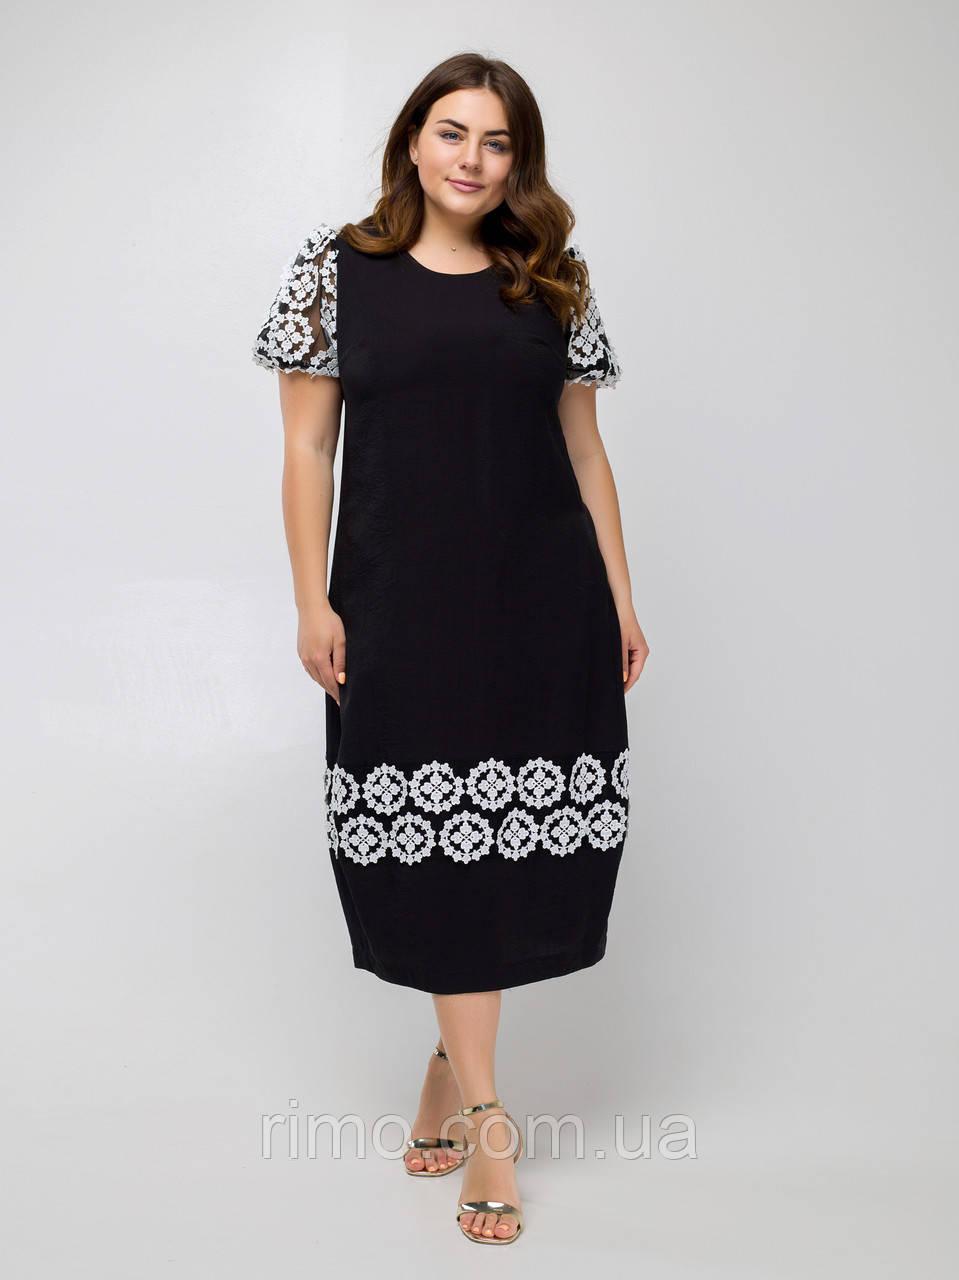 Плаття літнє великого розміру Селеста (2 кольори)